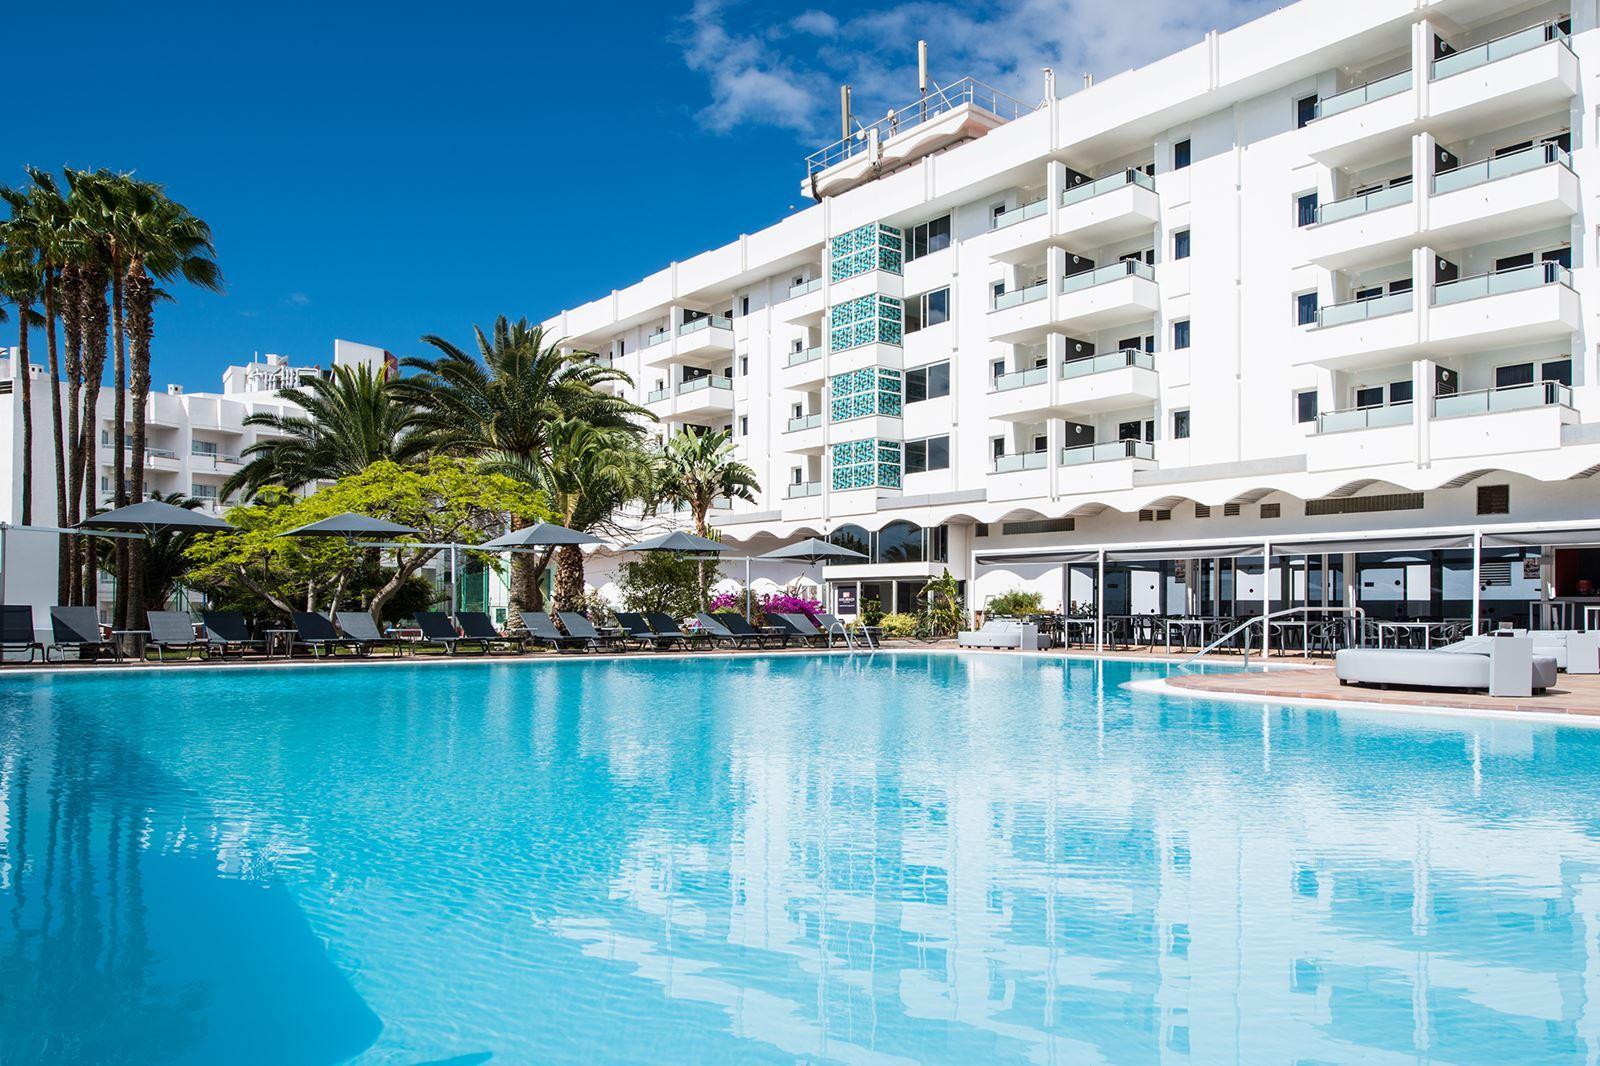 hotels in maspalomas